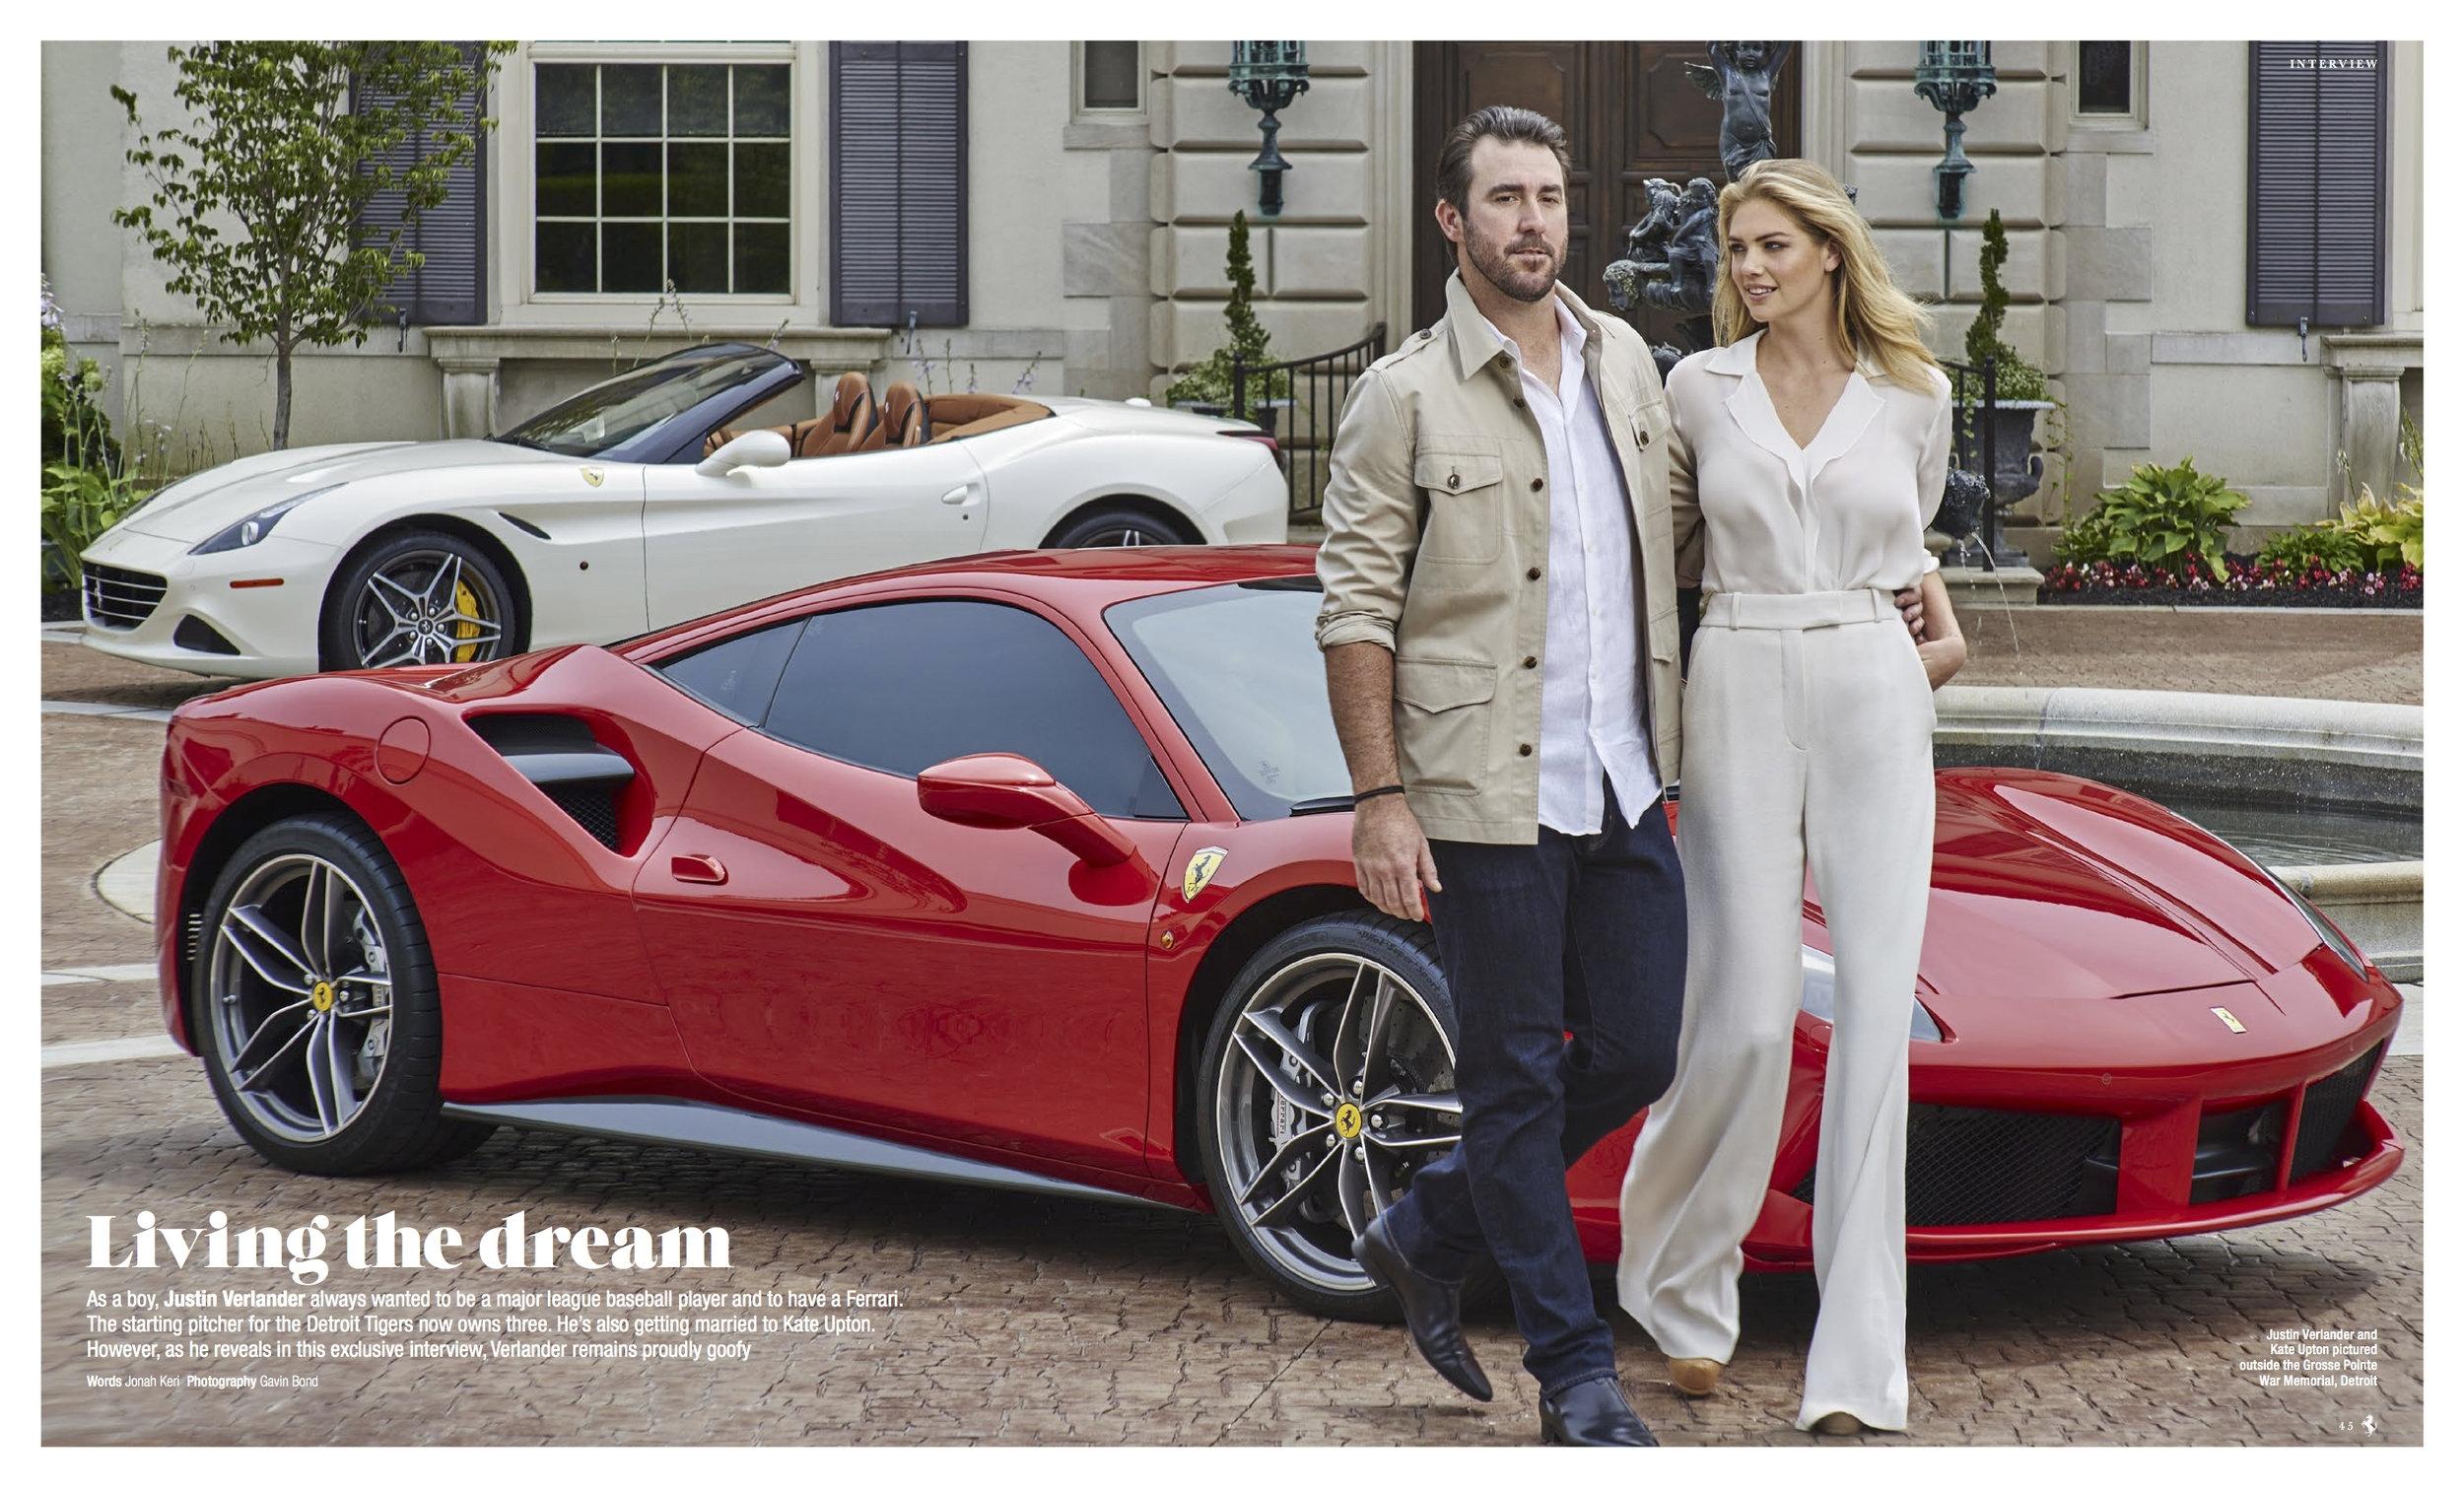 The Official Ferrari Magazine, September 2016